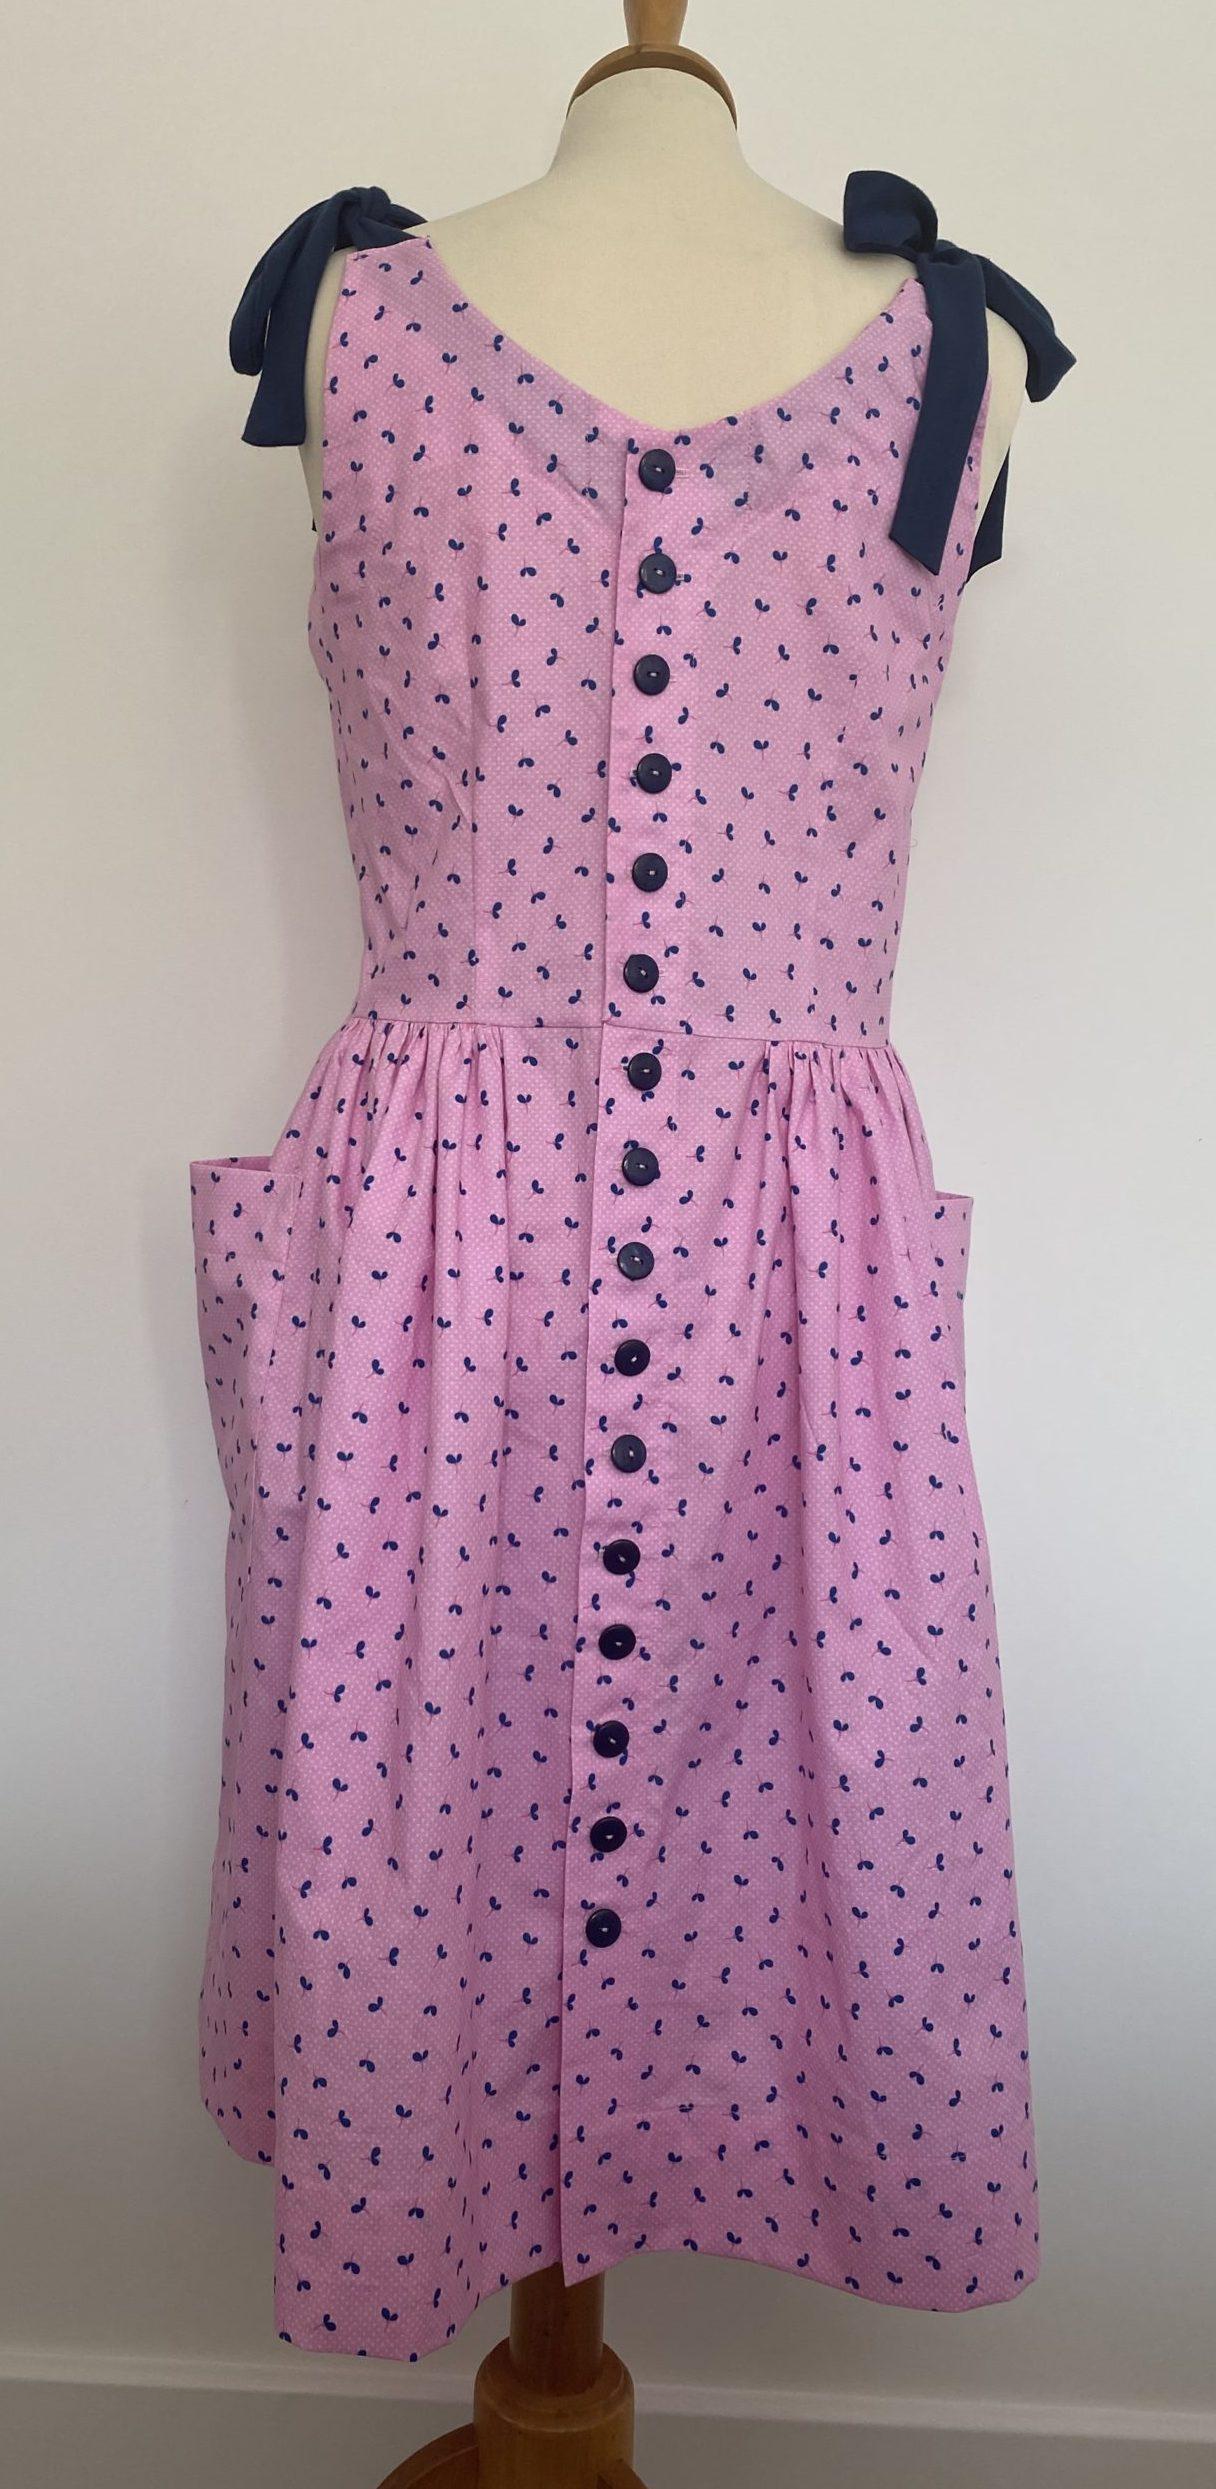 Alice and Co Regatta Dress - Jane White Tuition